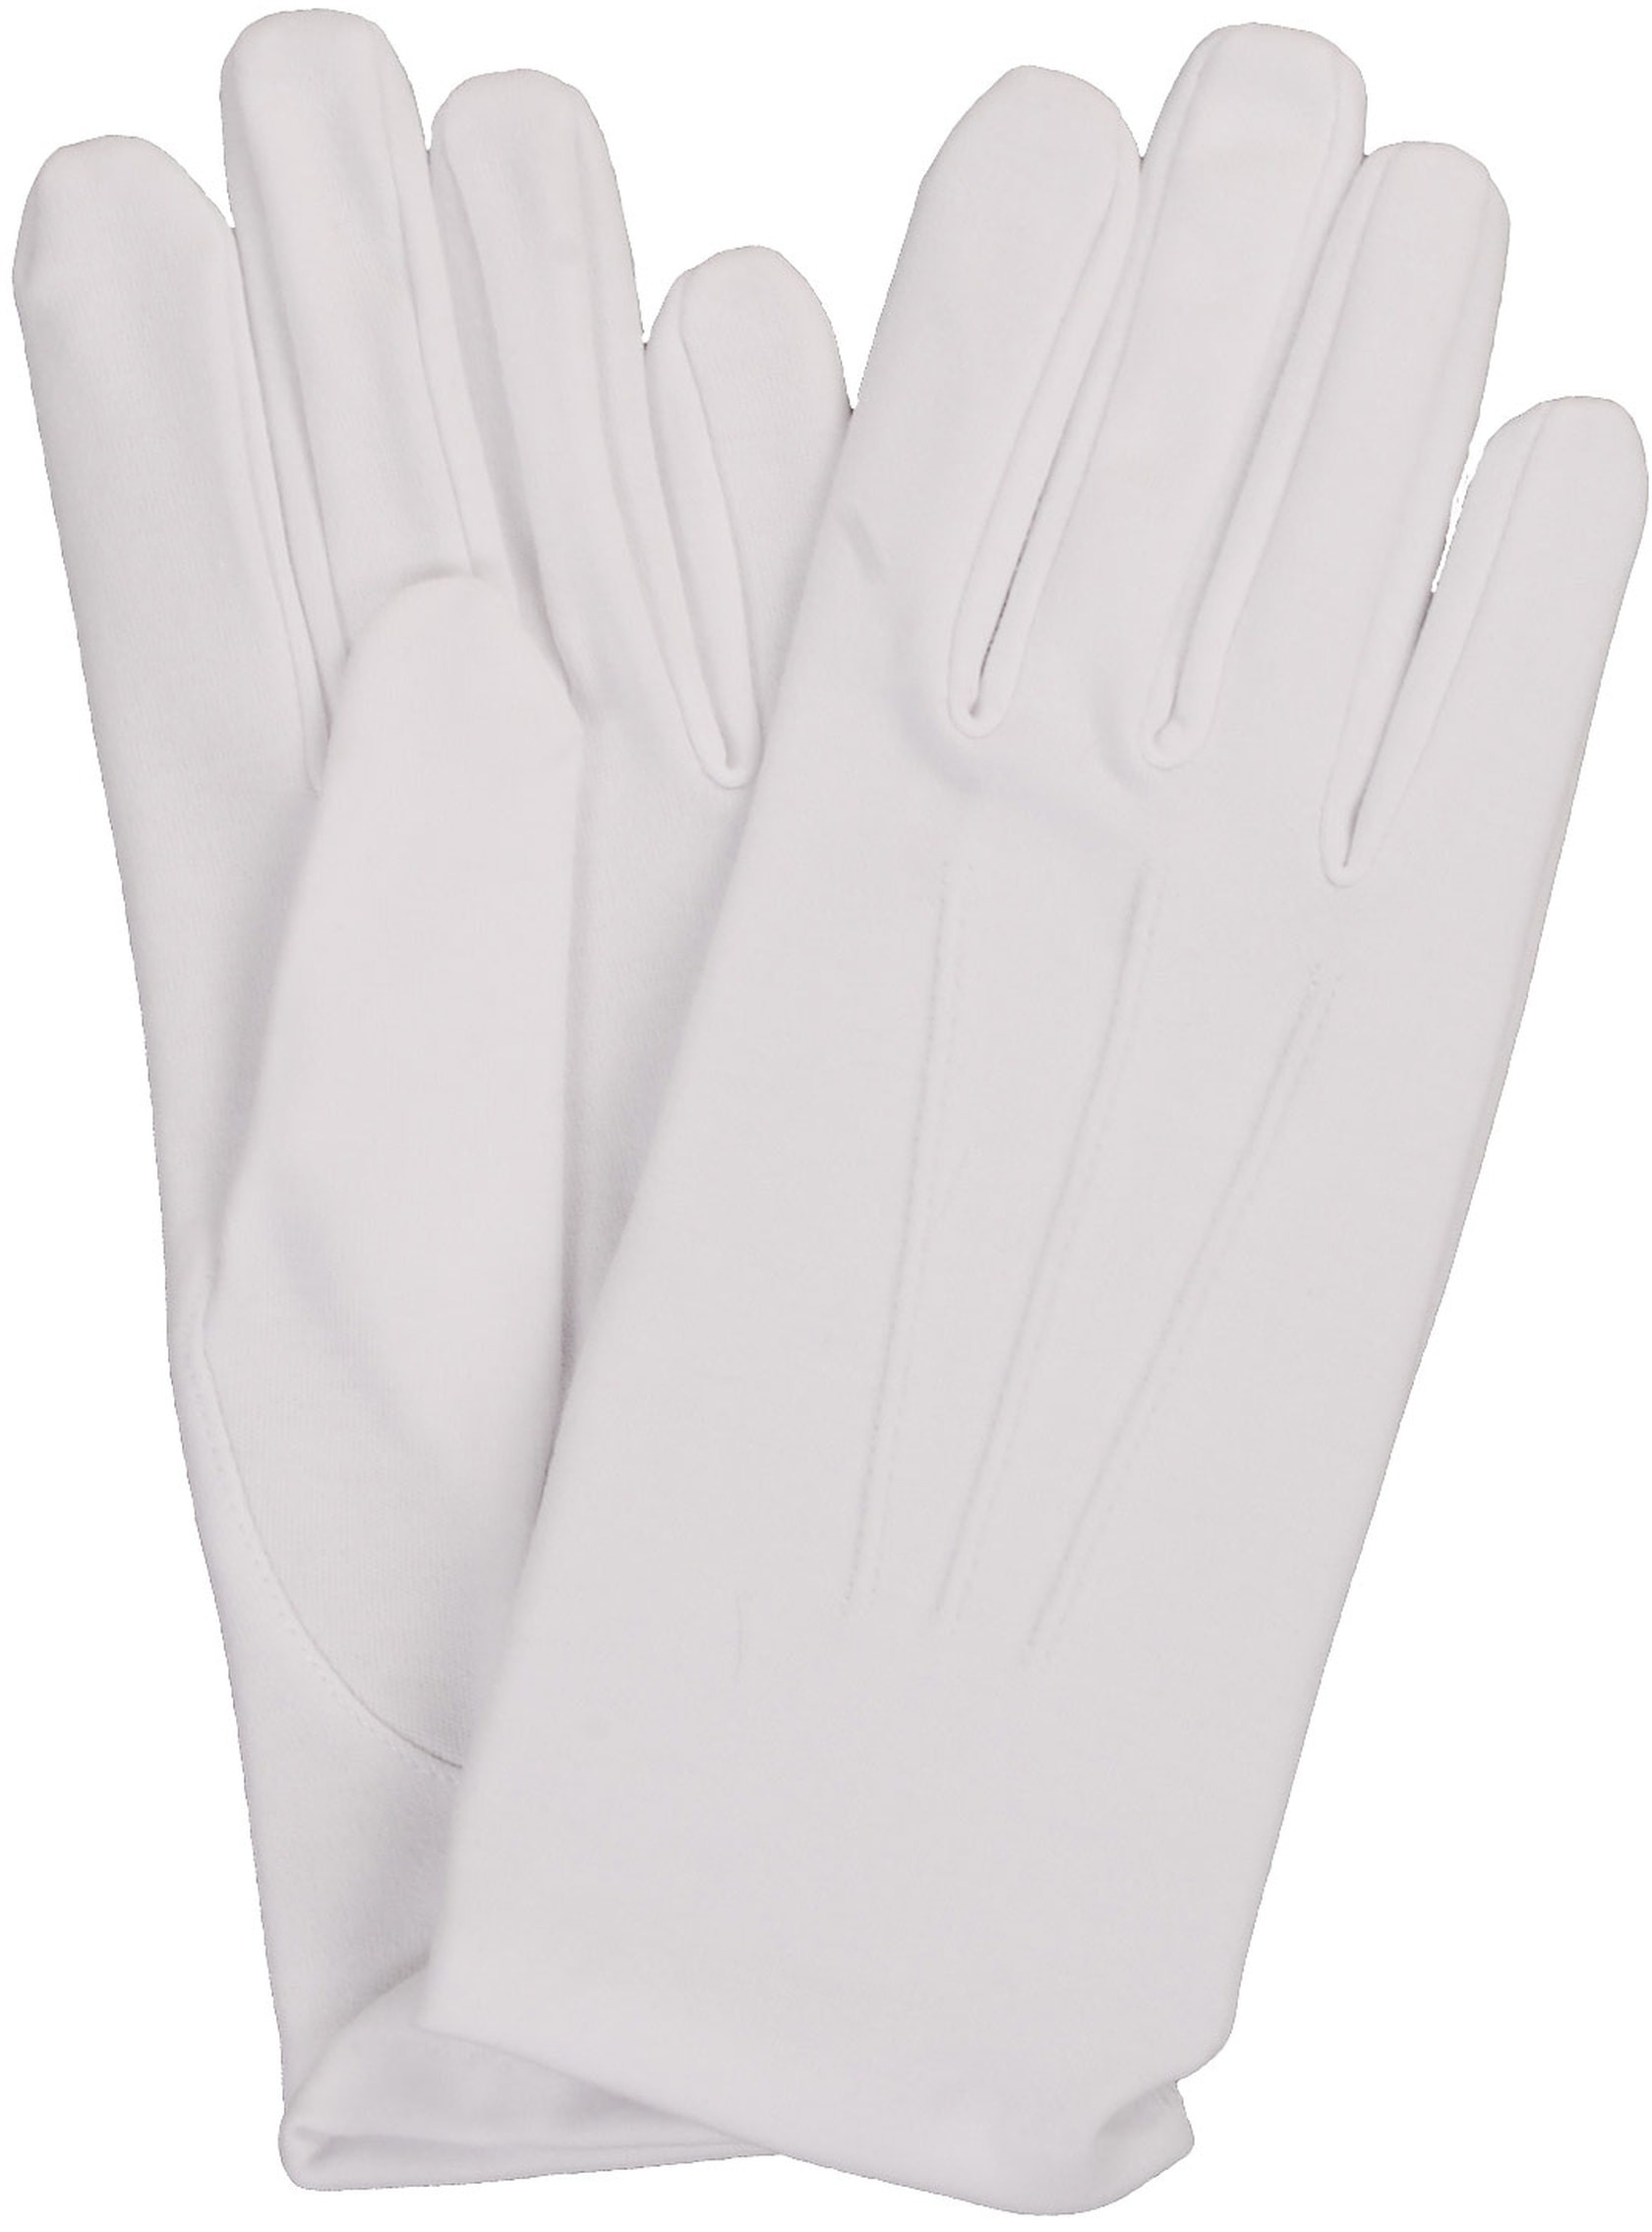 Gala Handschoen Wit foto 1